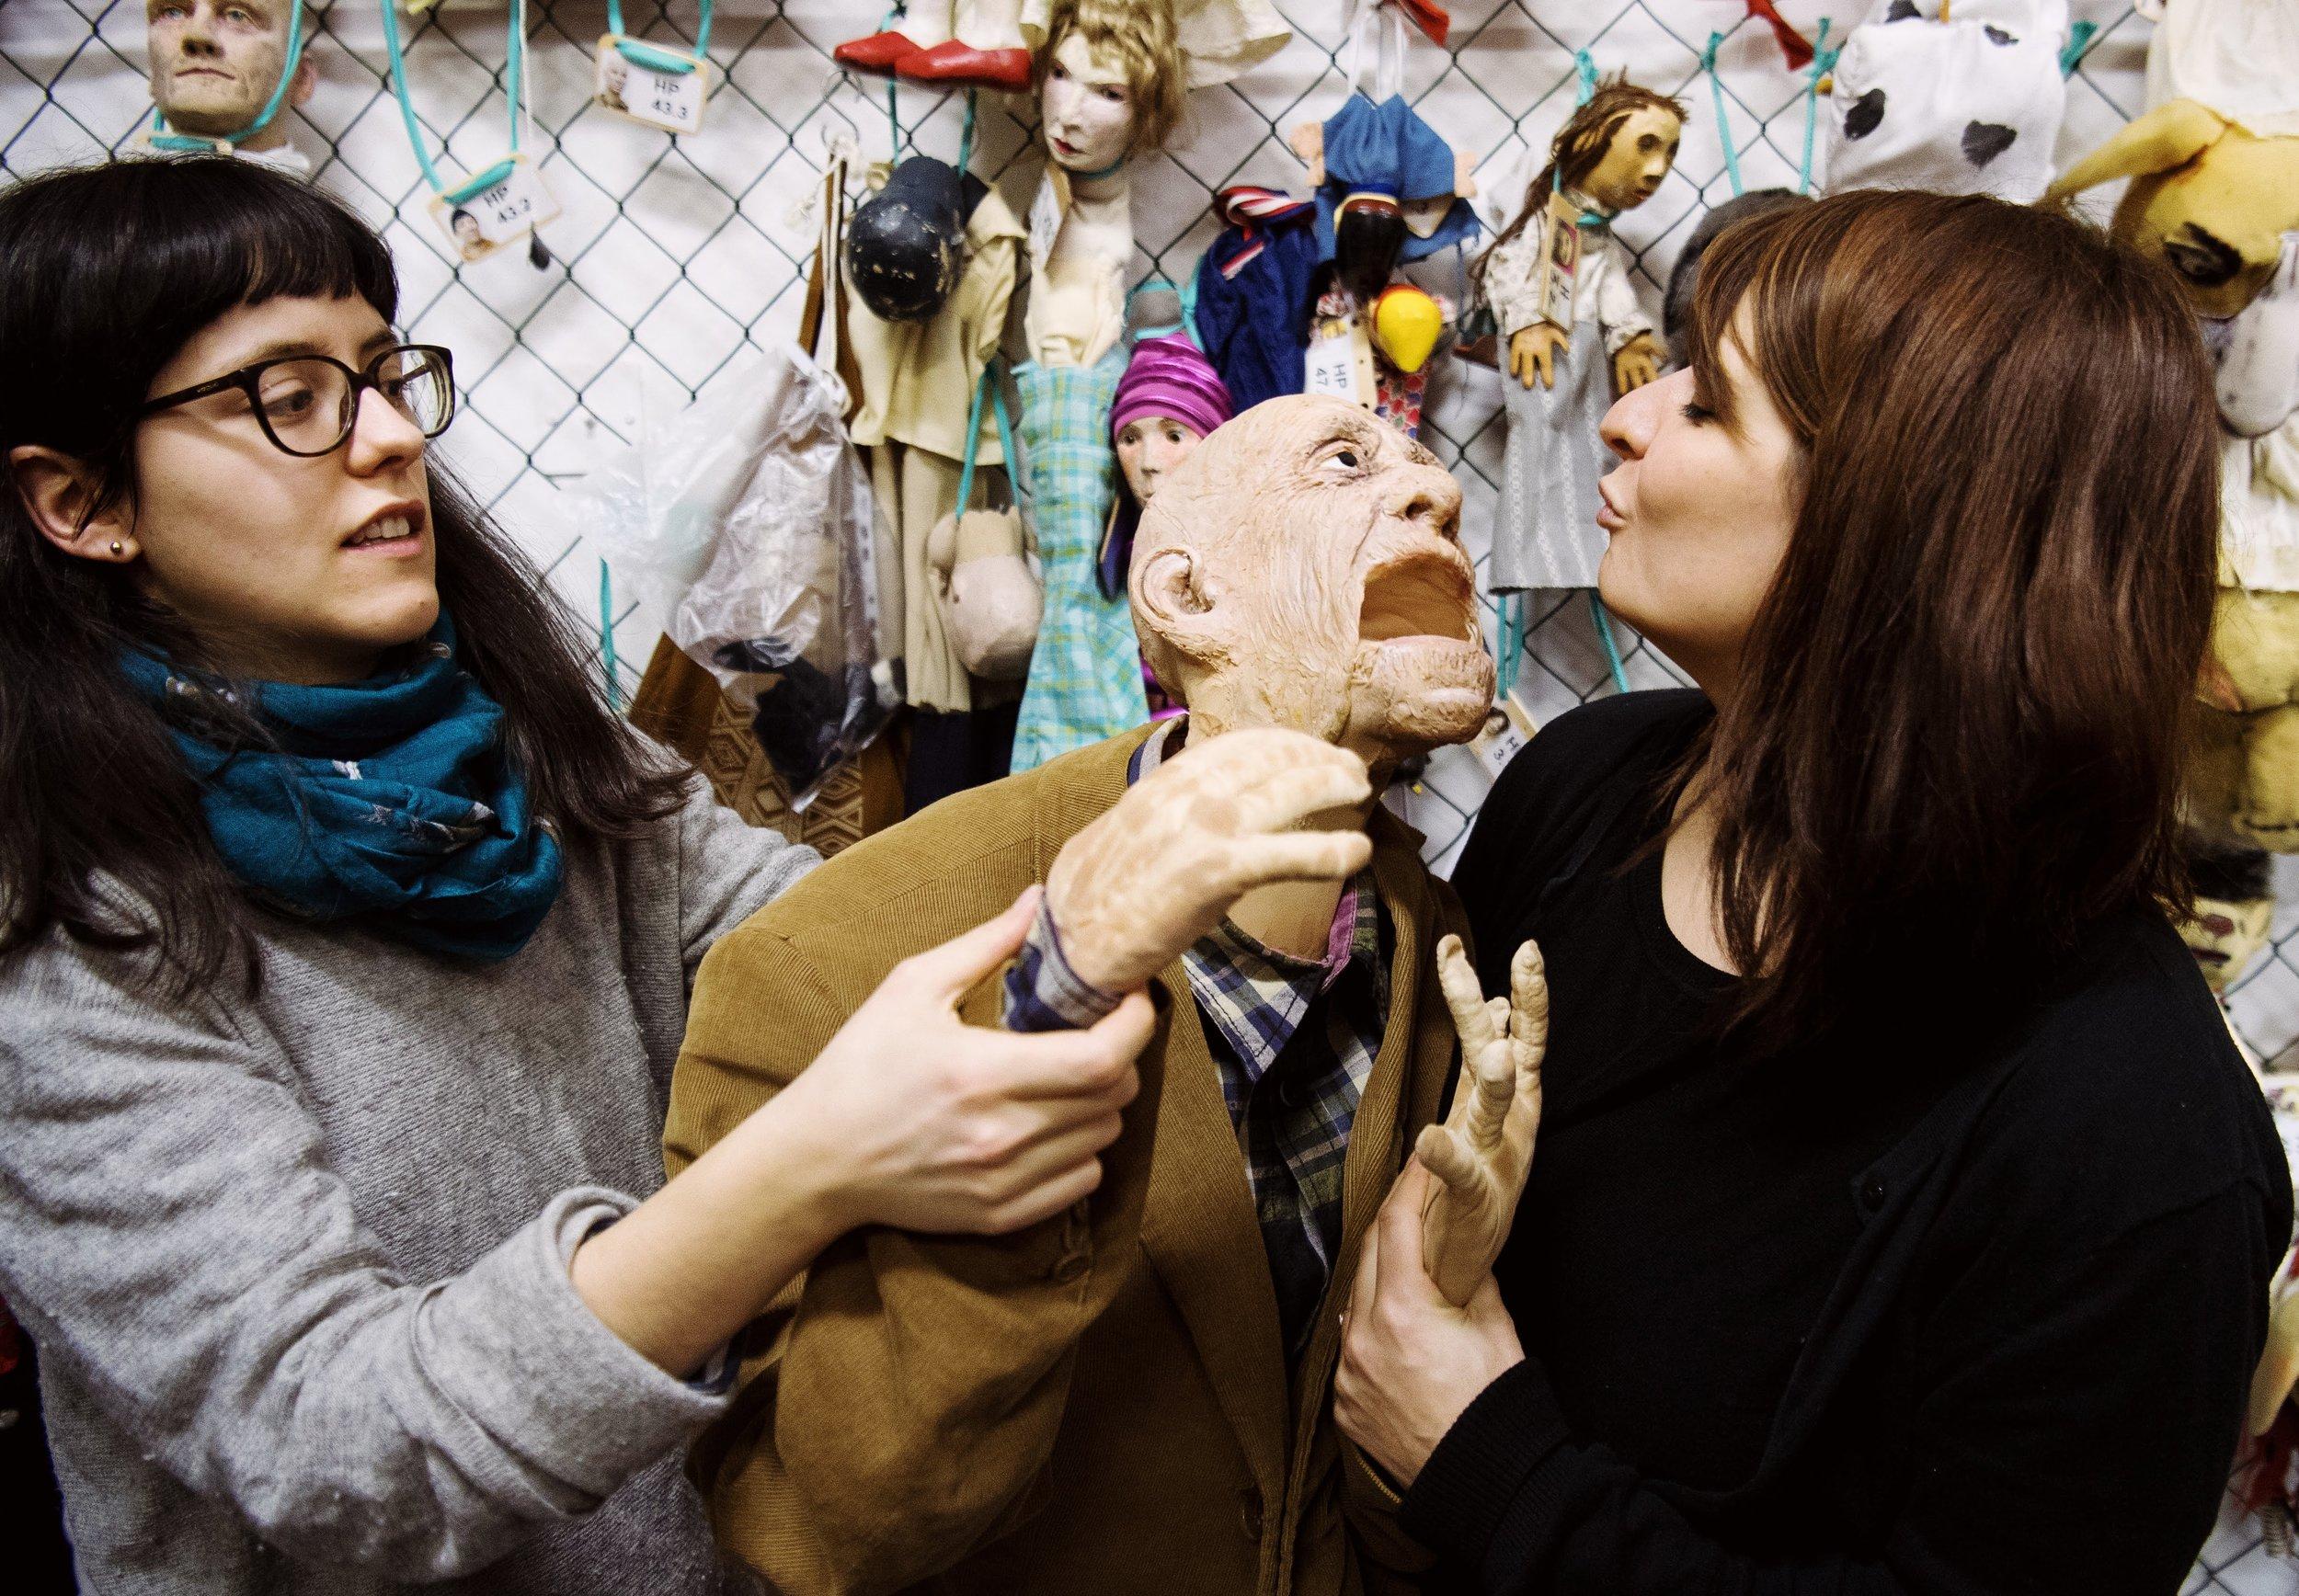 Die Puppenspielstudentinnen Nadia Ihjeij (l) und Sarah Zastrau spiele mit einer lebensgroßen Puppe eines alten Mannes.